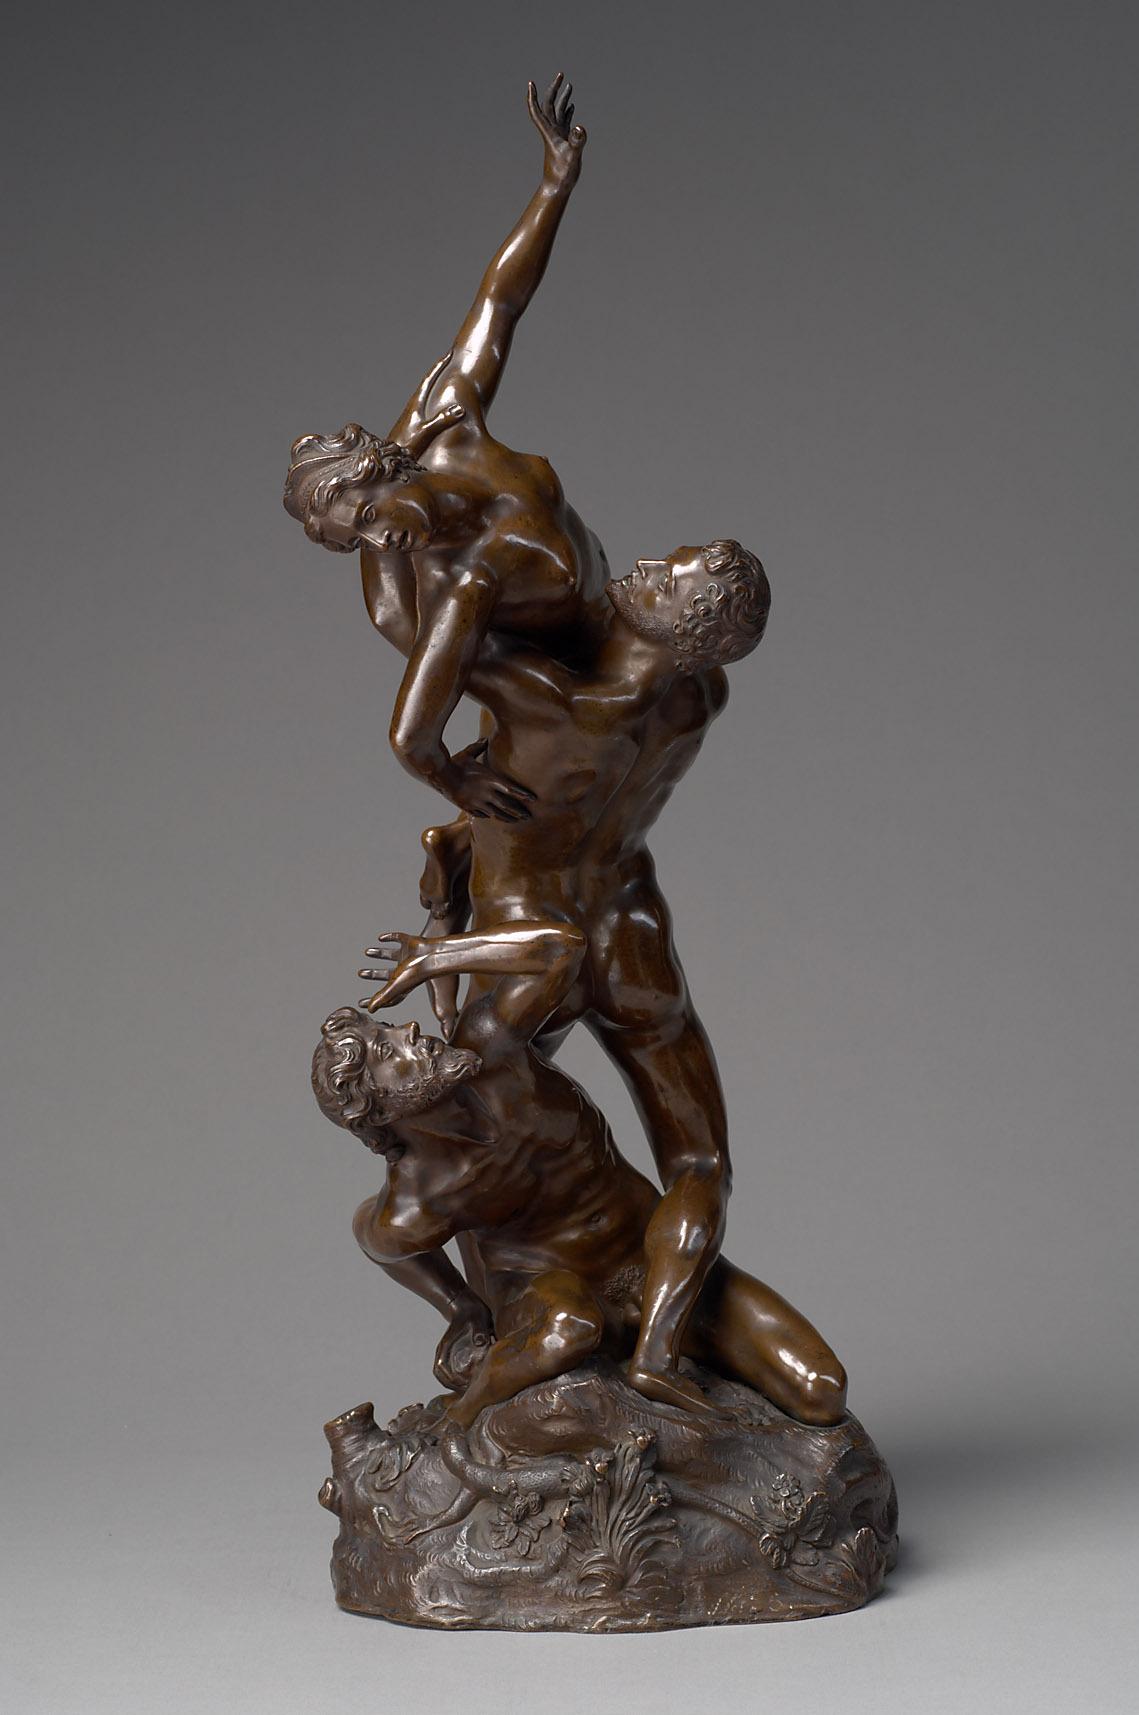 Dreifigurige Raptusgruppe (Raub der Sabinerin) von Giovanni Bologna, gen. Giambologna